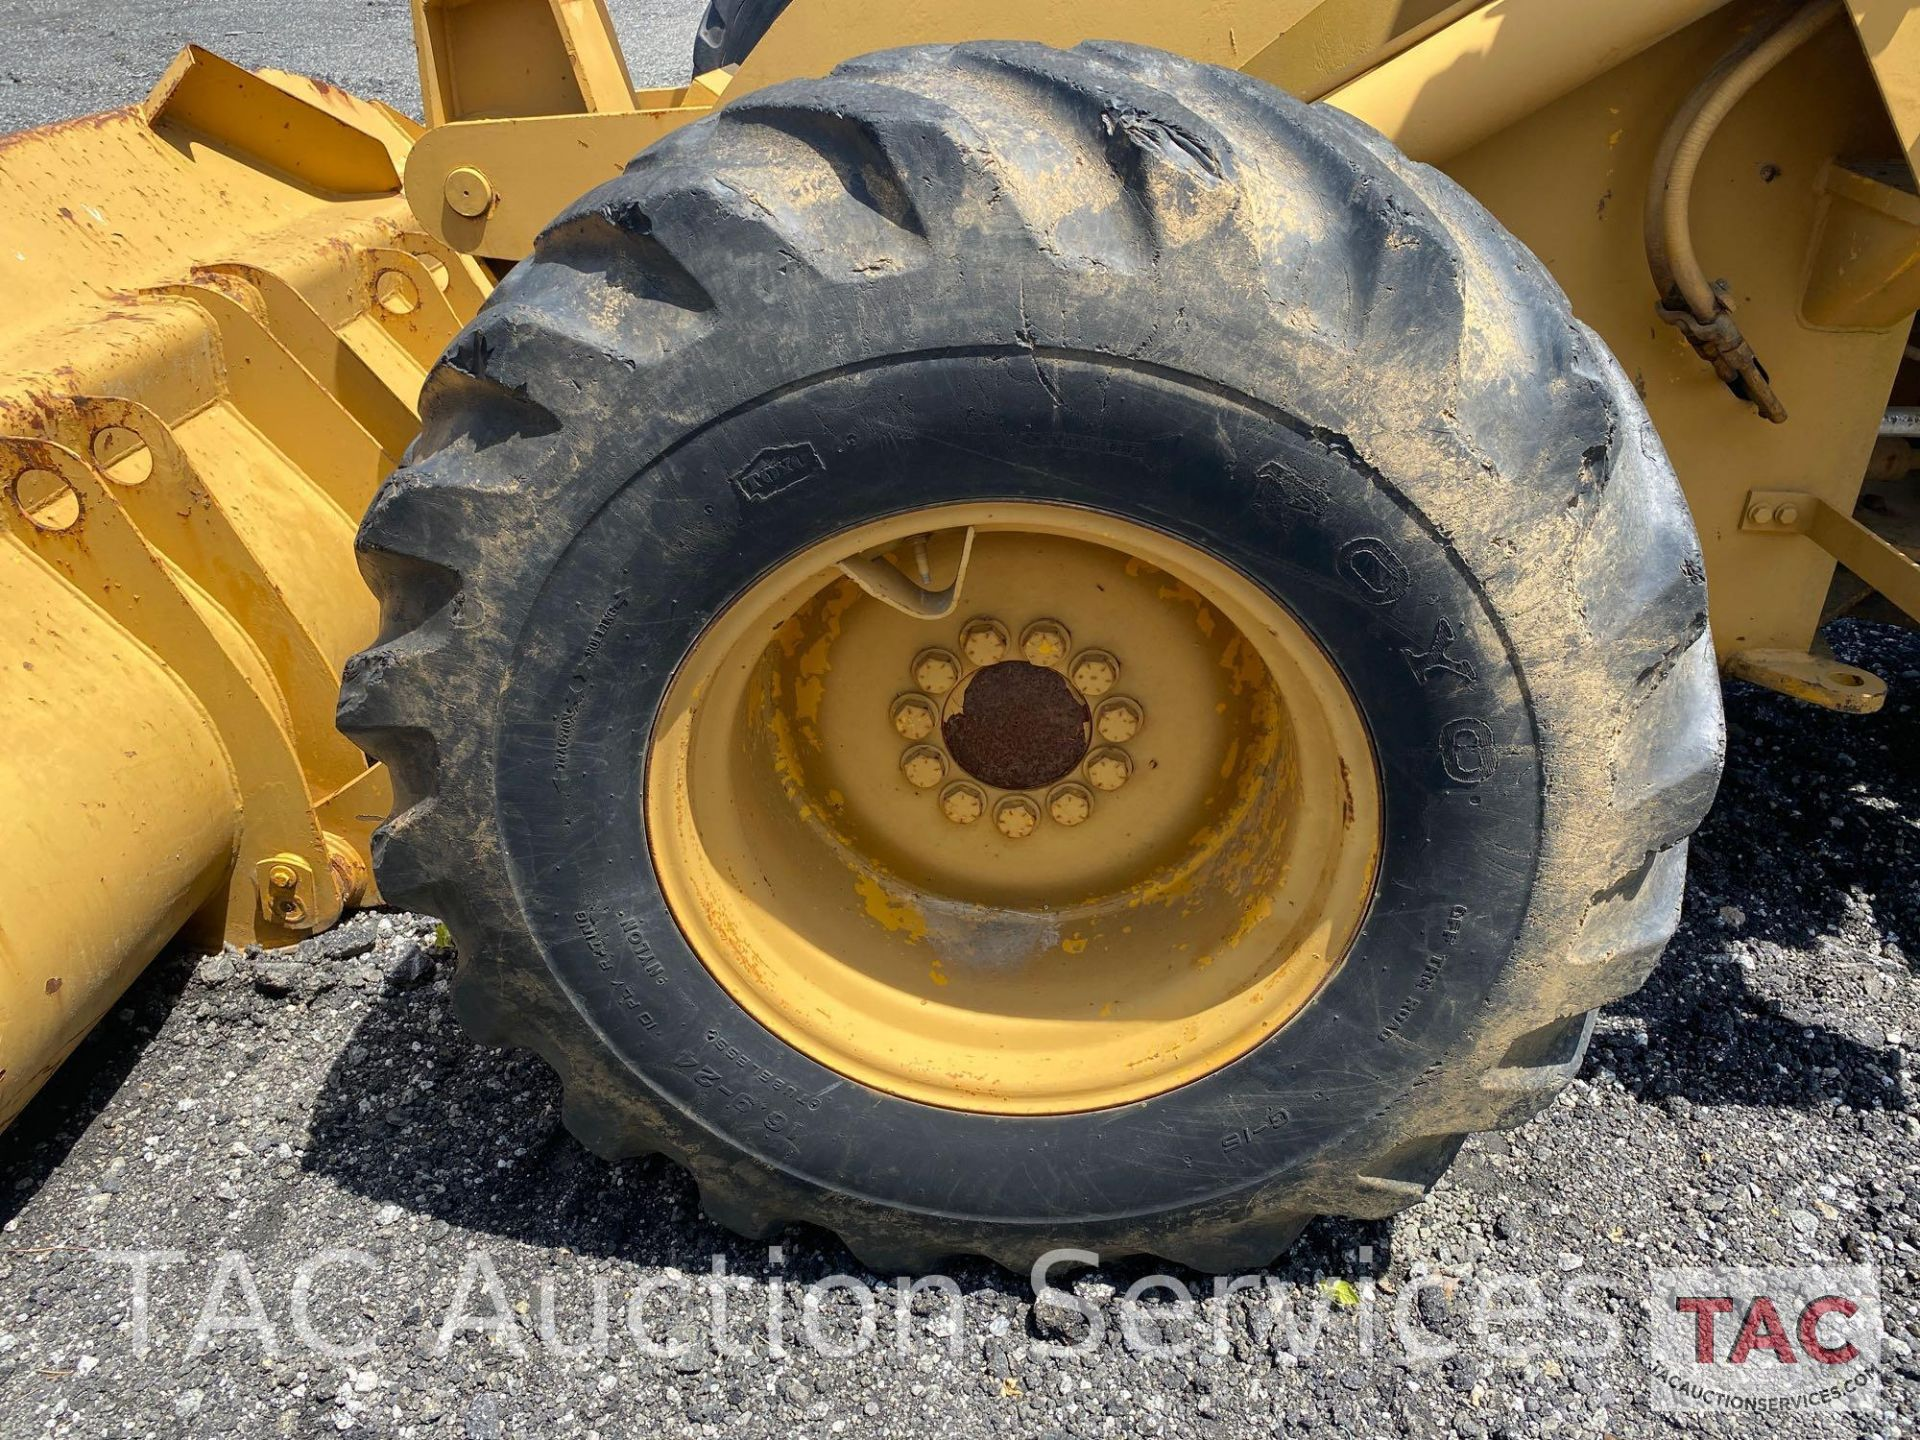 International Harvester 510B Loader - Image 27 of 31